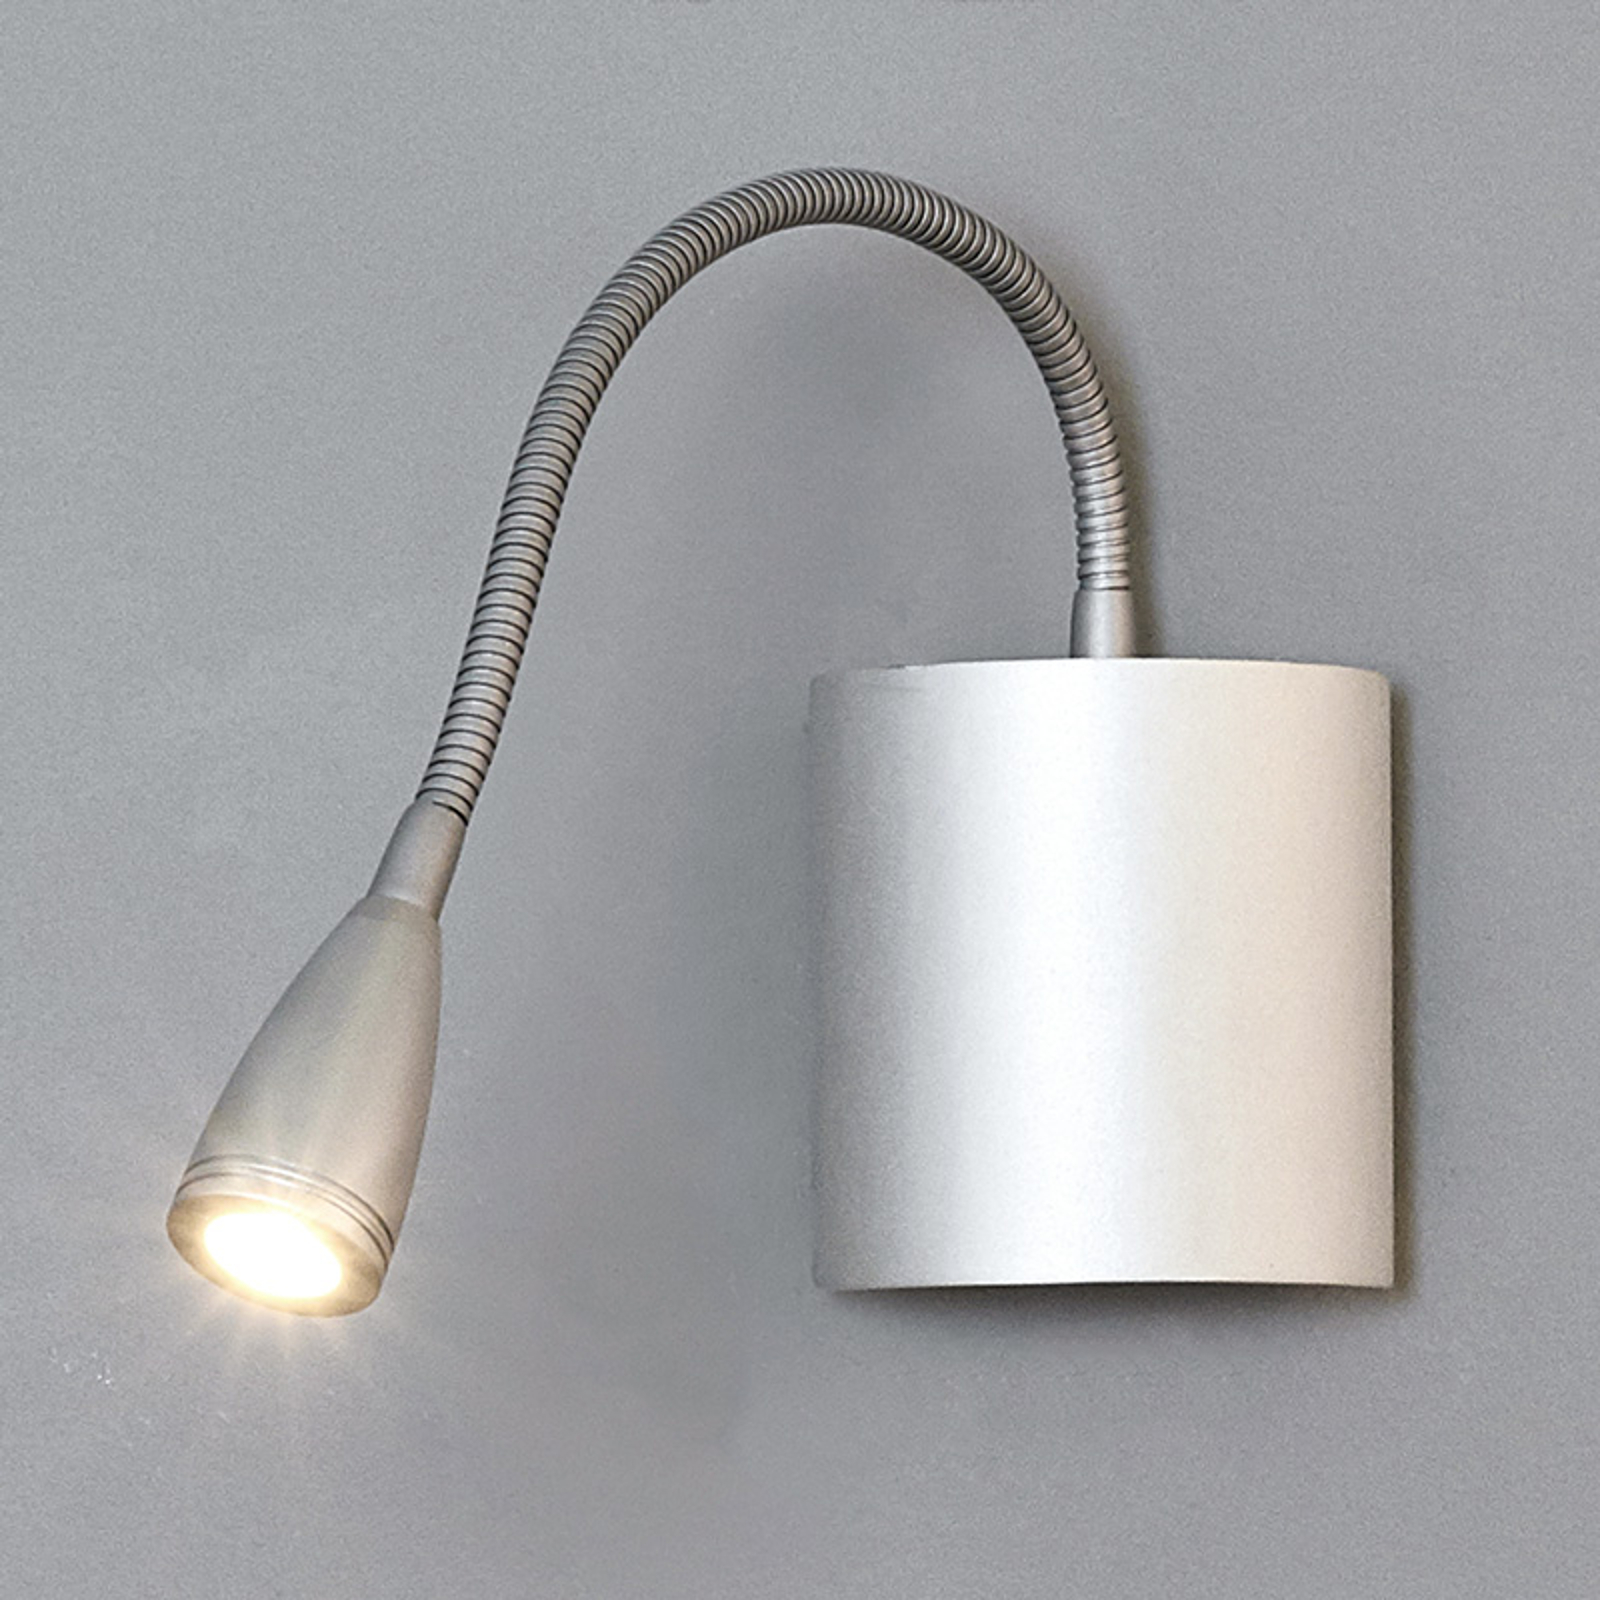 Joustovartinen LED-lukuvalo Anneli seinbään